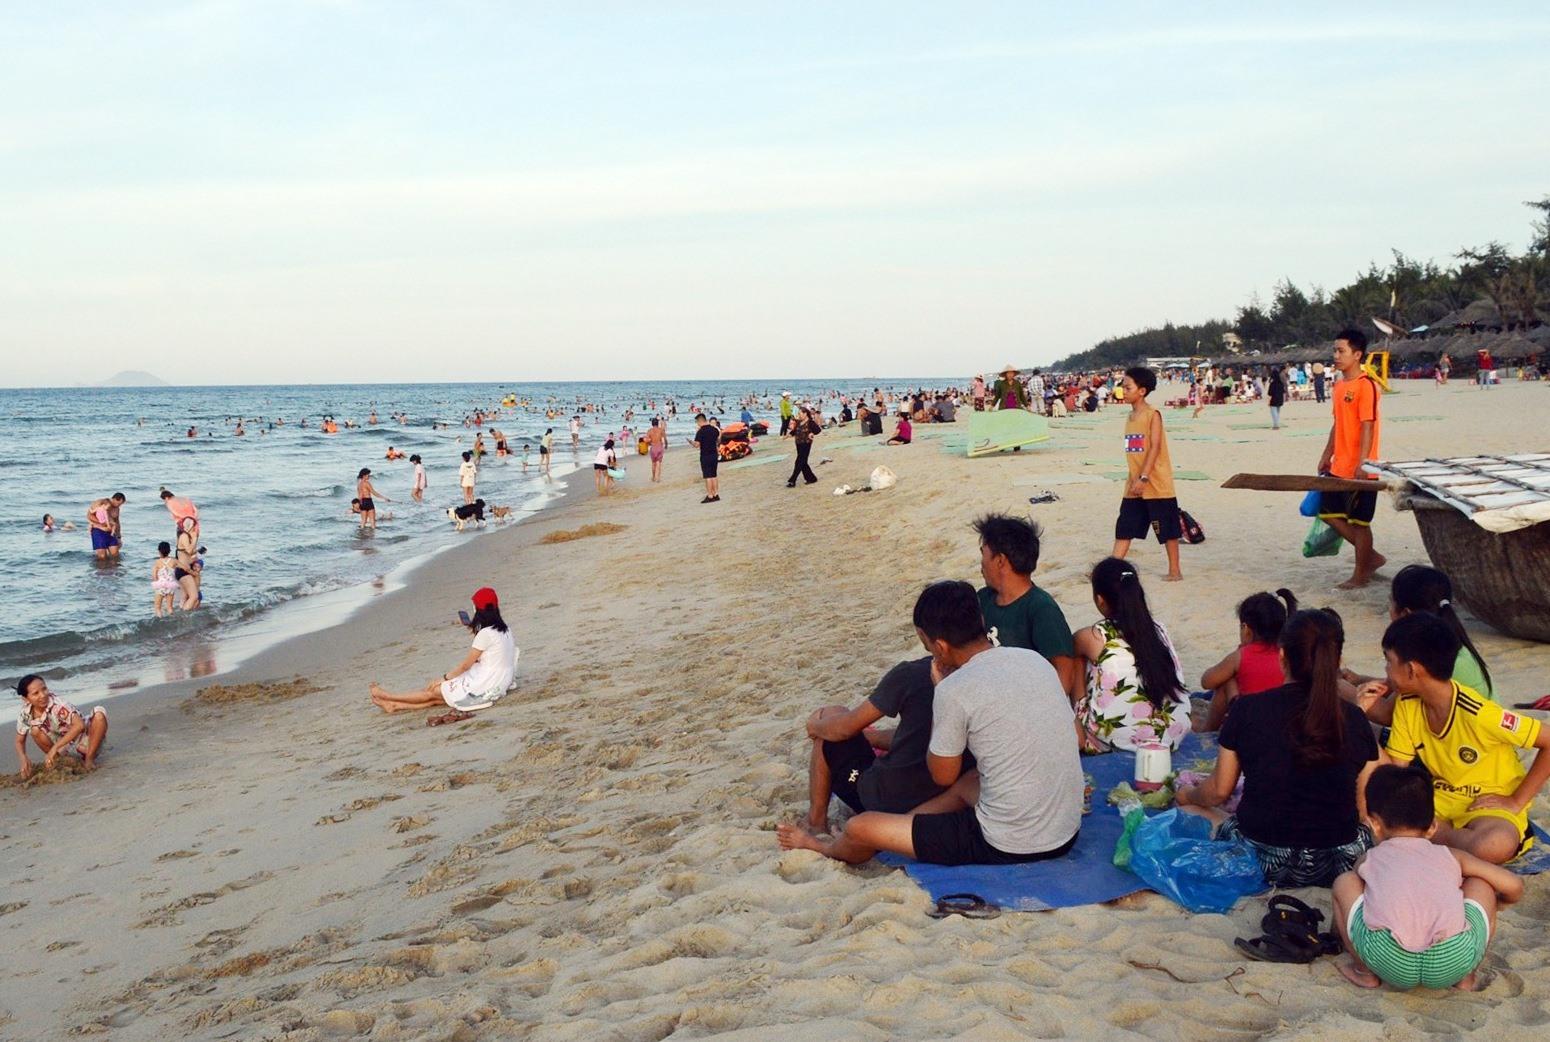 Sự kiện nhằm quảng bá bãi biển An Bàng và ẩm thực Quảng Nam. Ảnh: